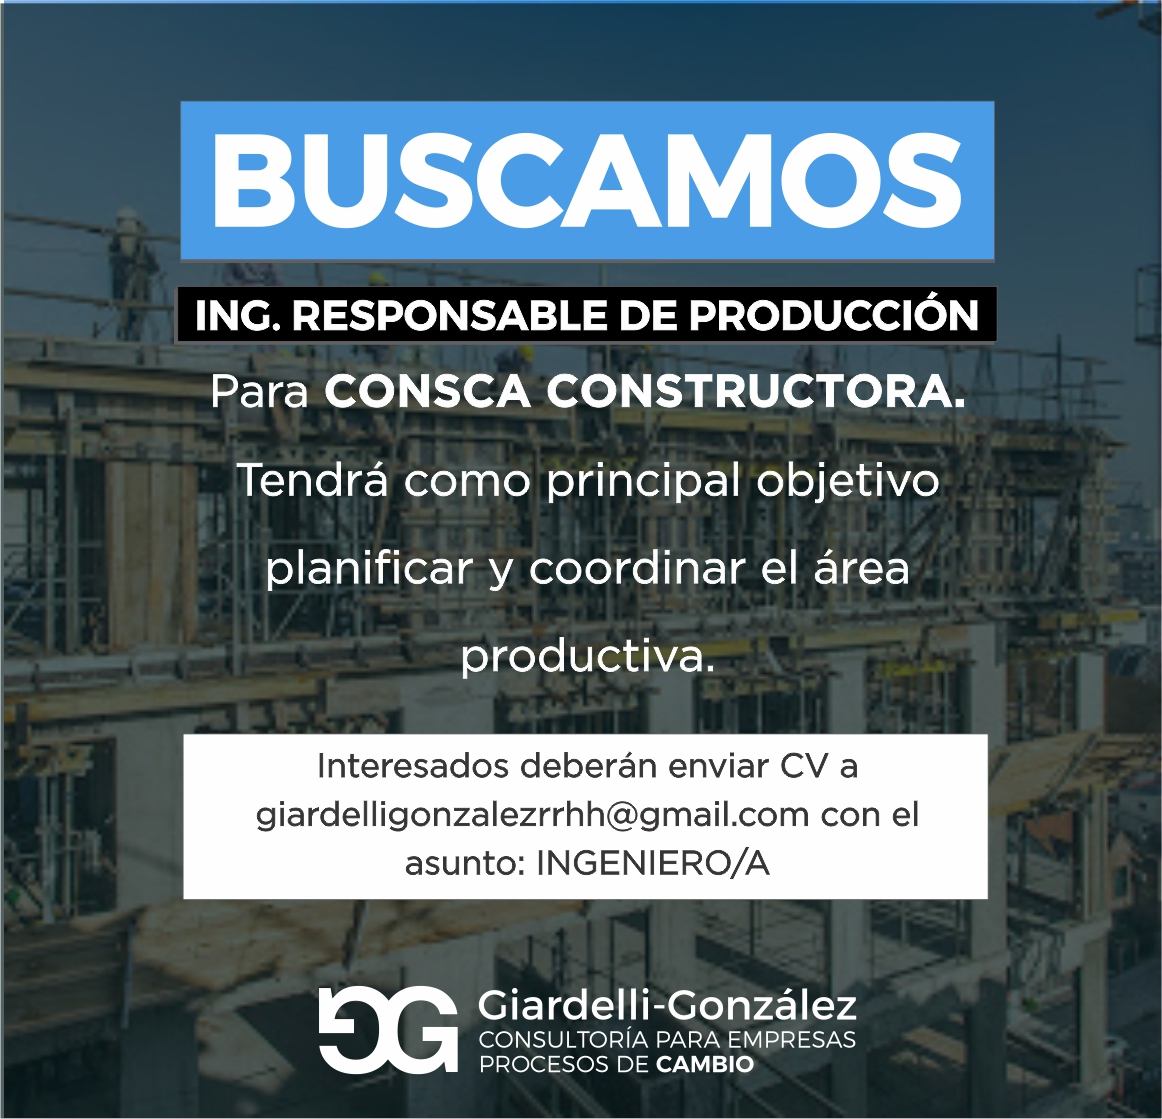 Oportunidad Laboral En Consca, Mar Del Plata